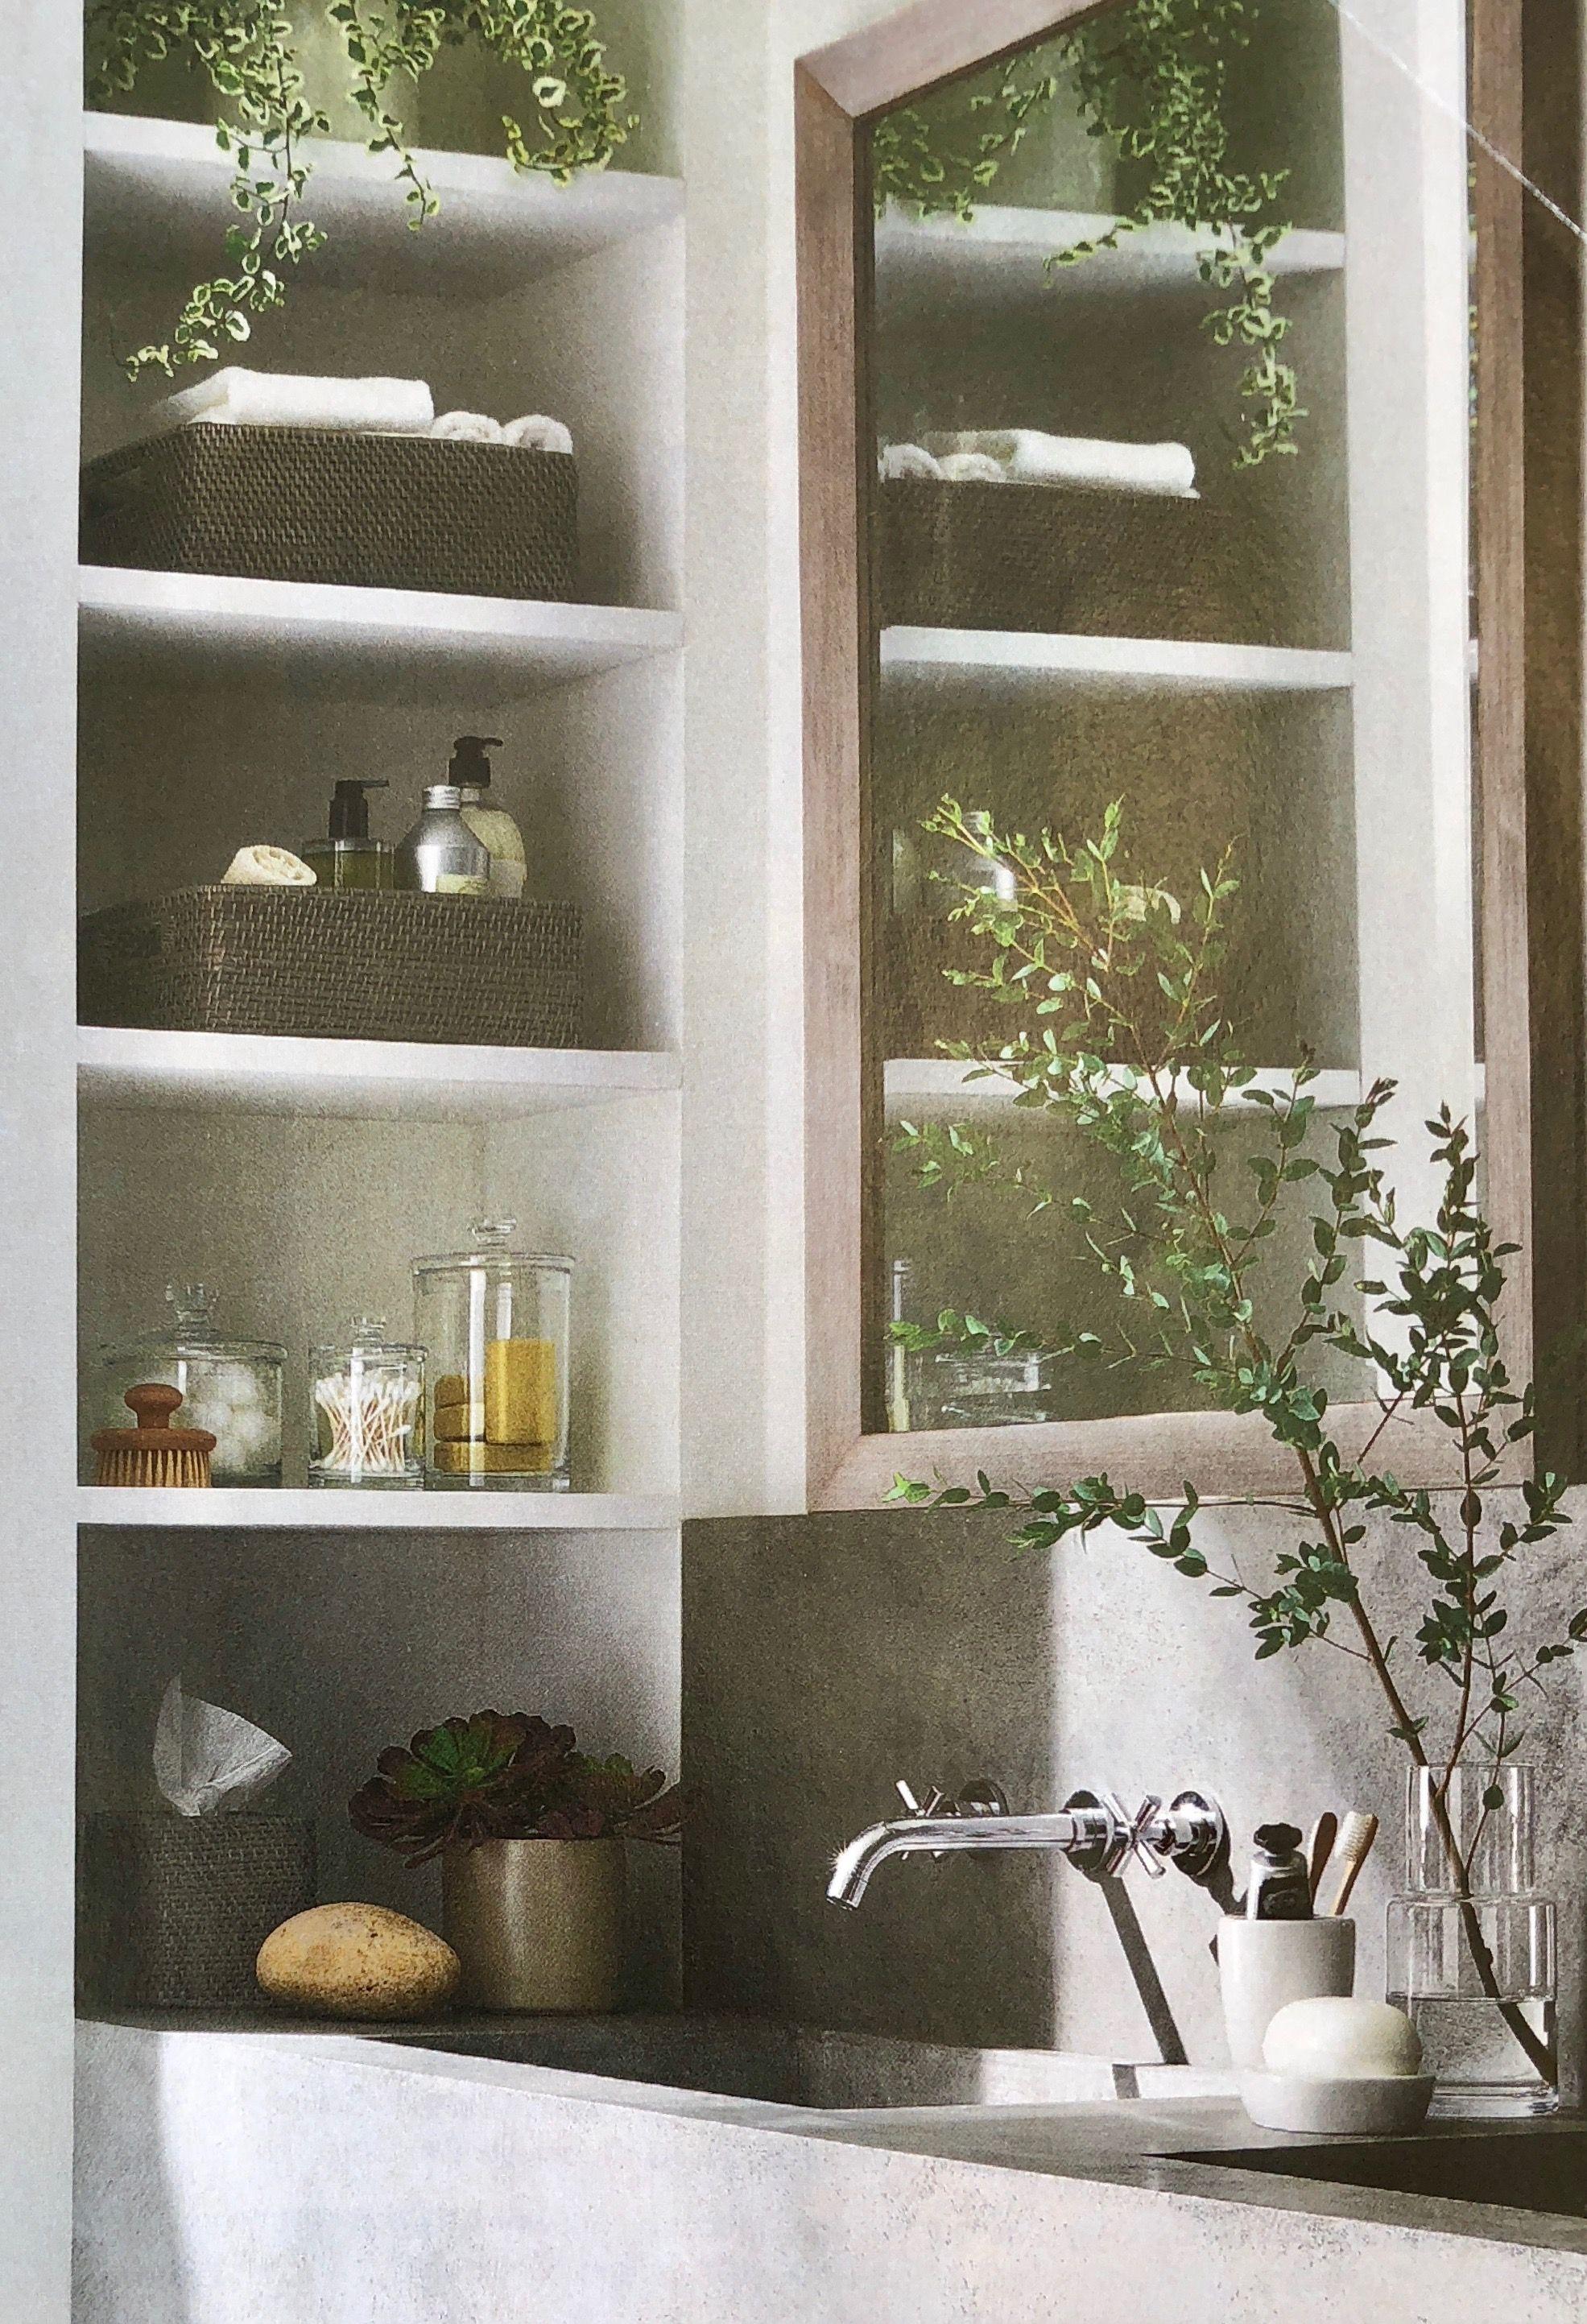 17++ Bathroom cabinet with side shelves model